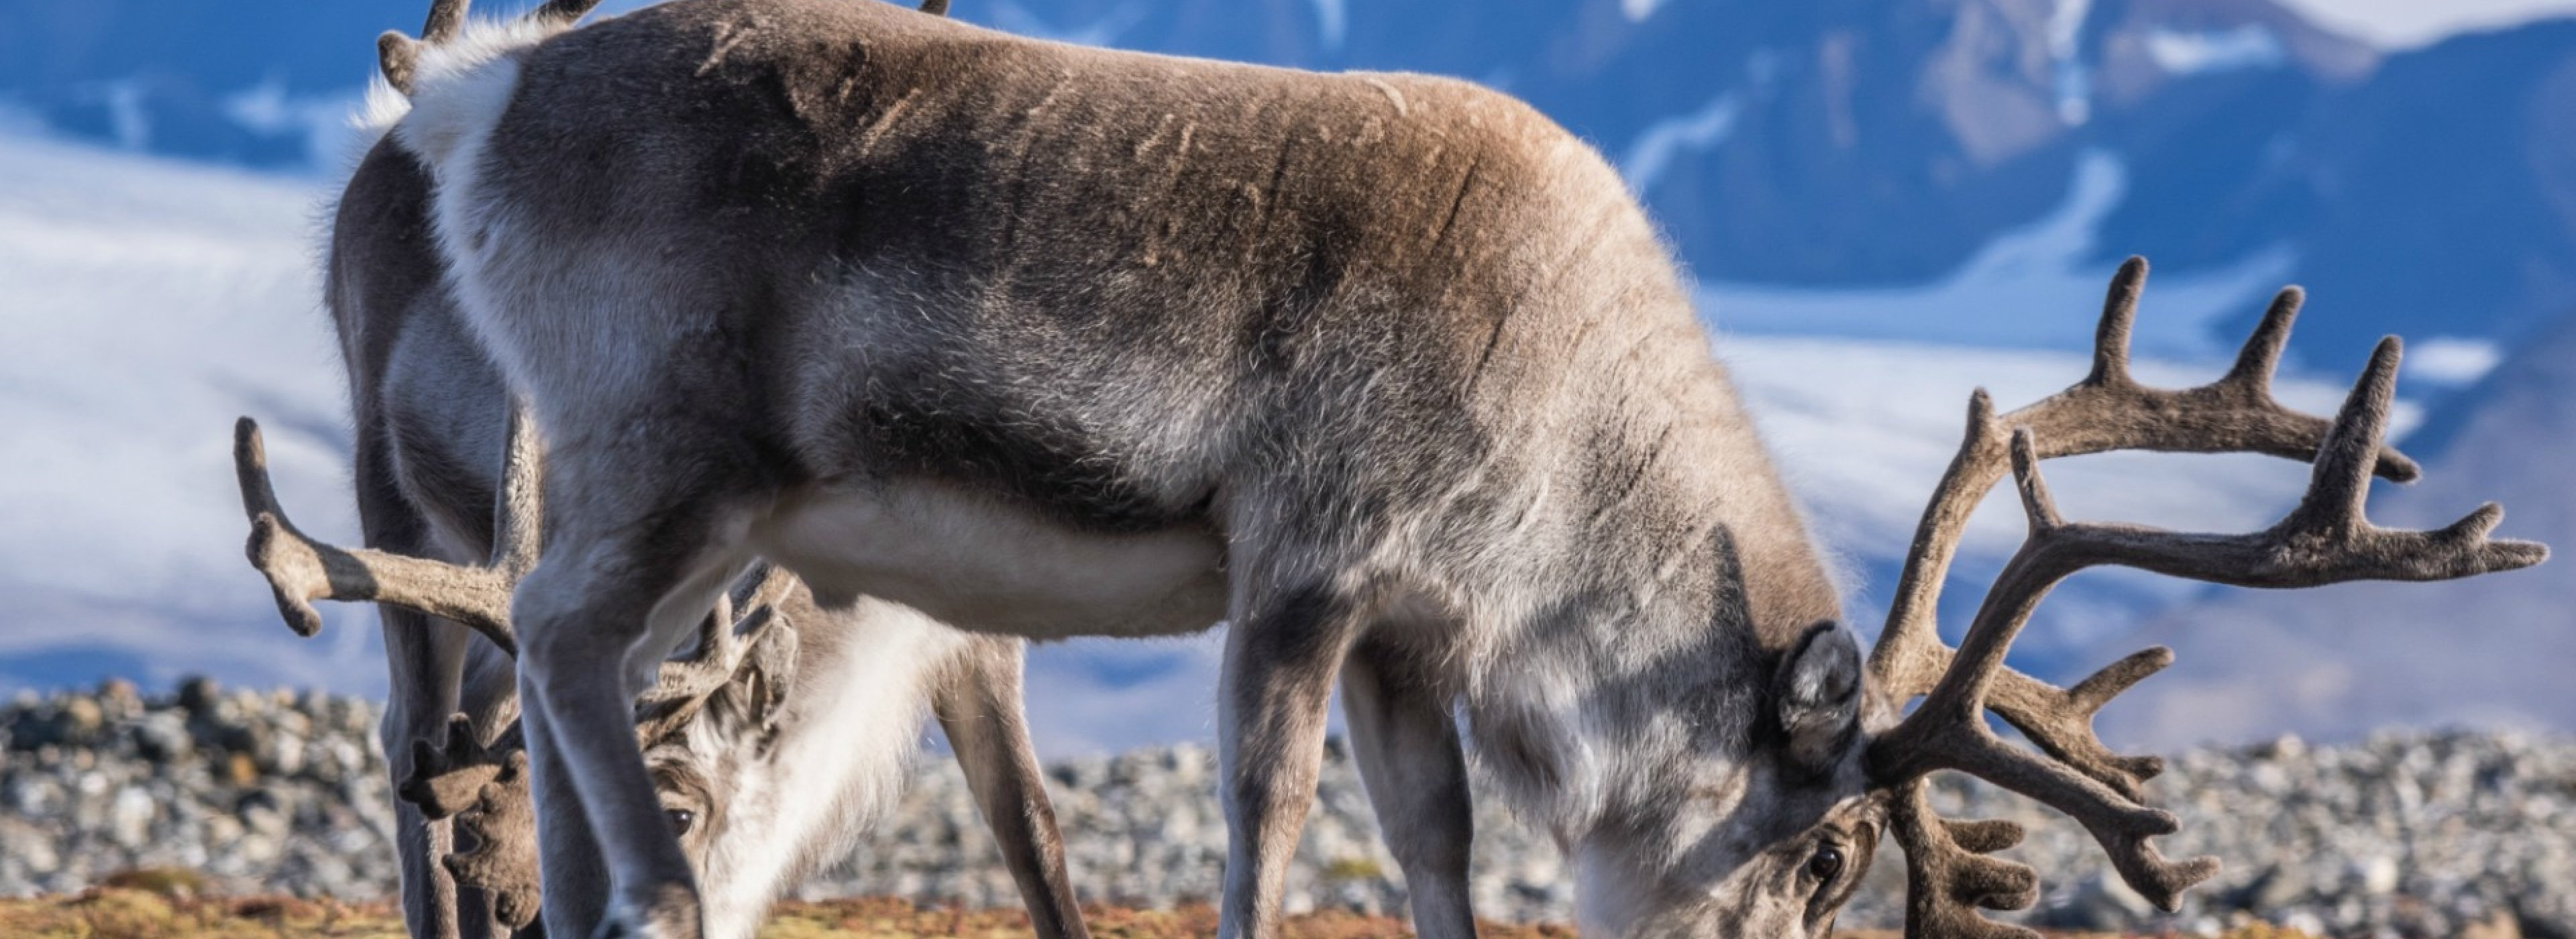 Reindeers in Svalbard